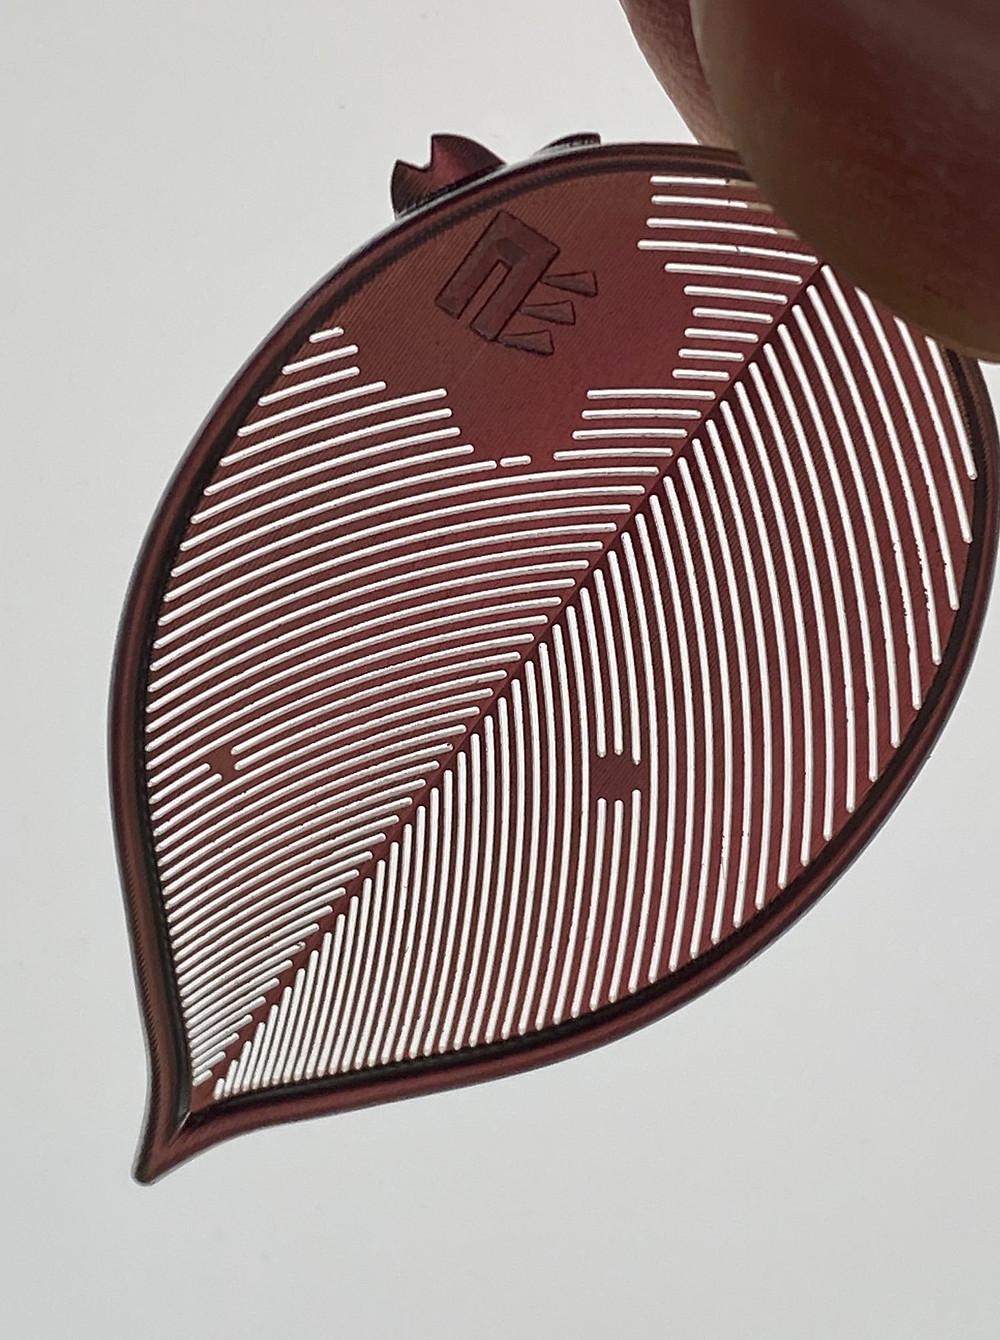 きちんと光が透過するかもチェックのポイント裏面には当社ロゴを刻印しております。